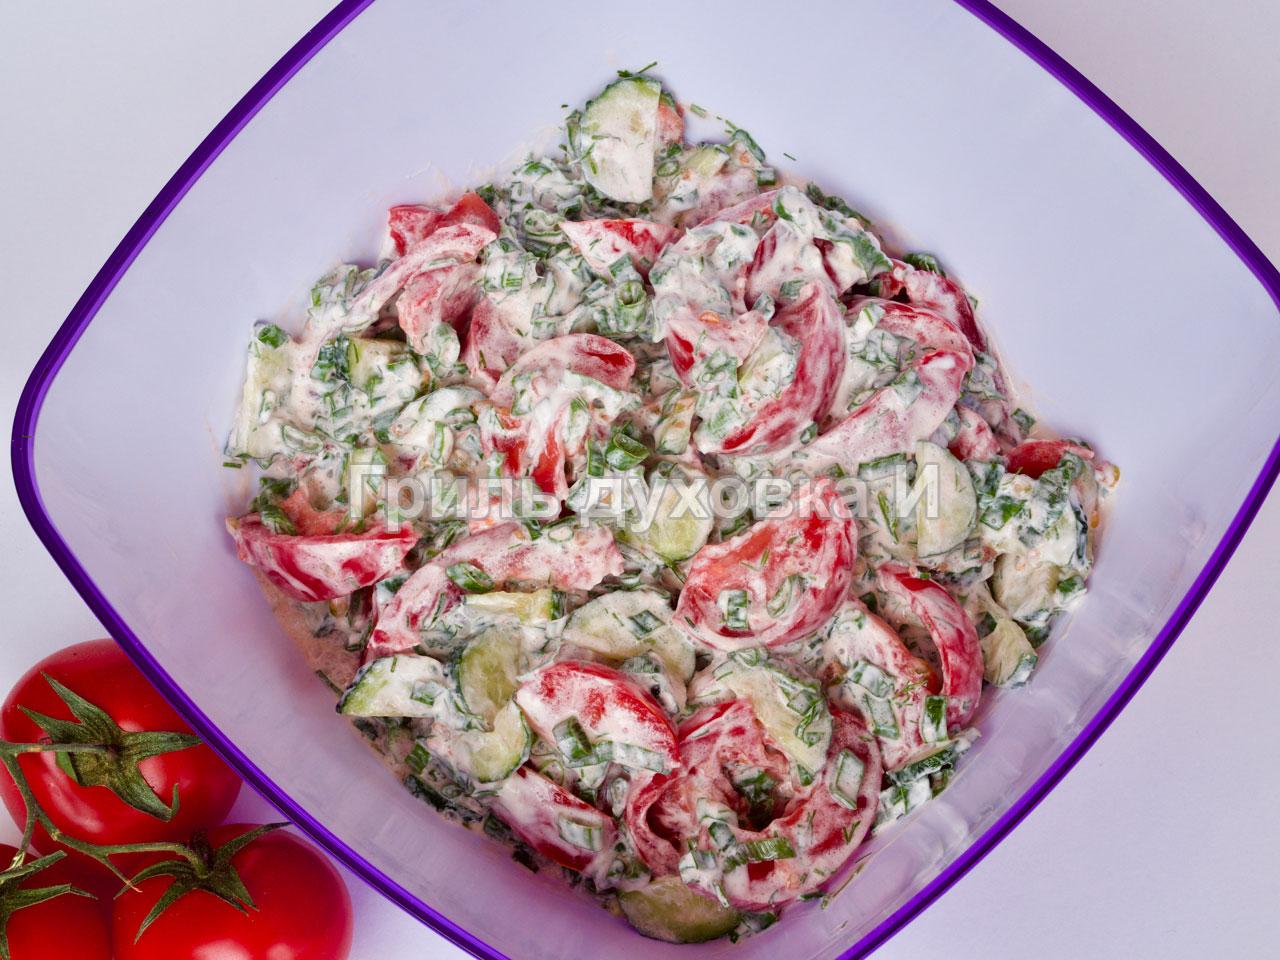 Салат из помидоров и огурцов со сметаной.